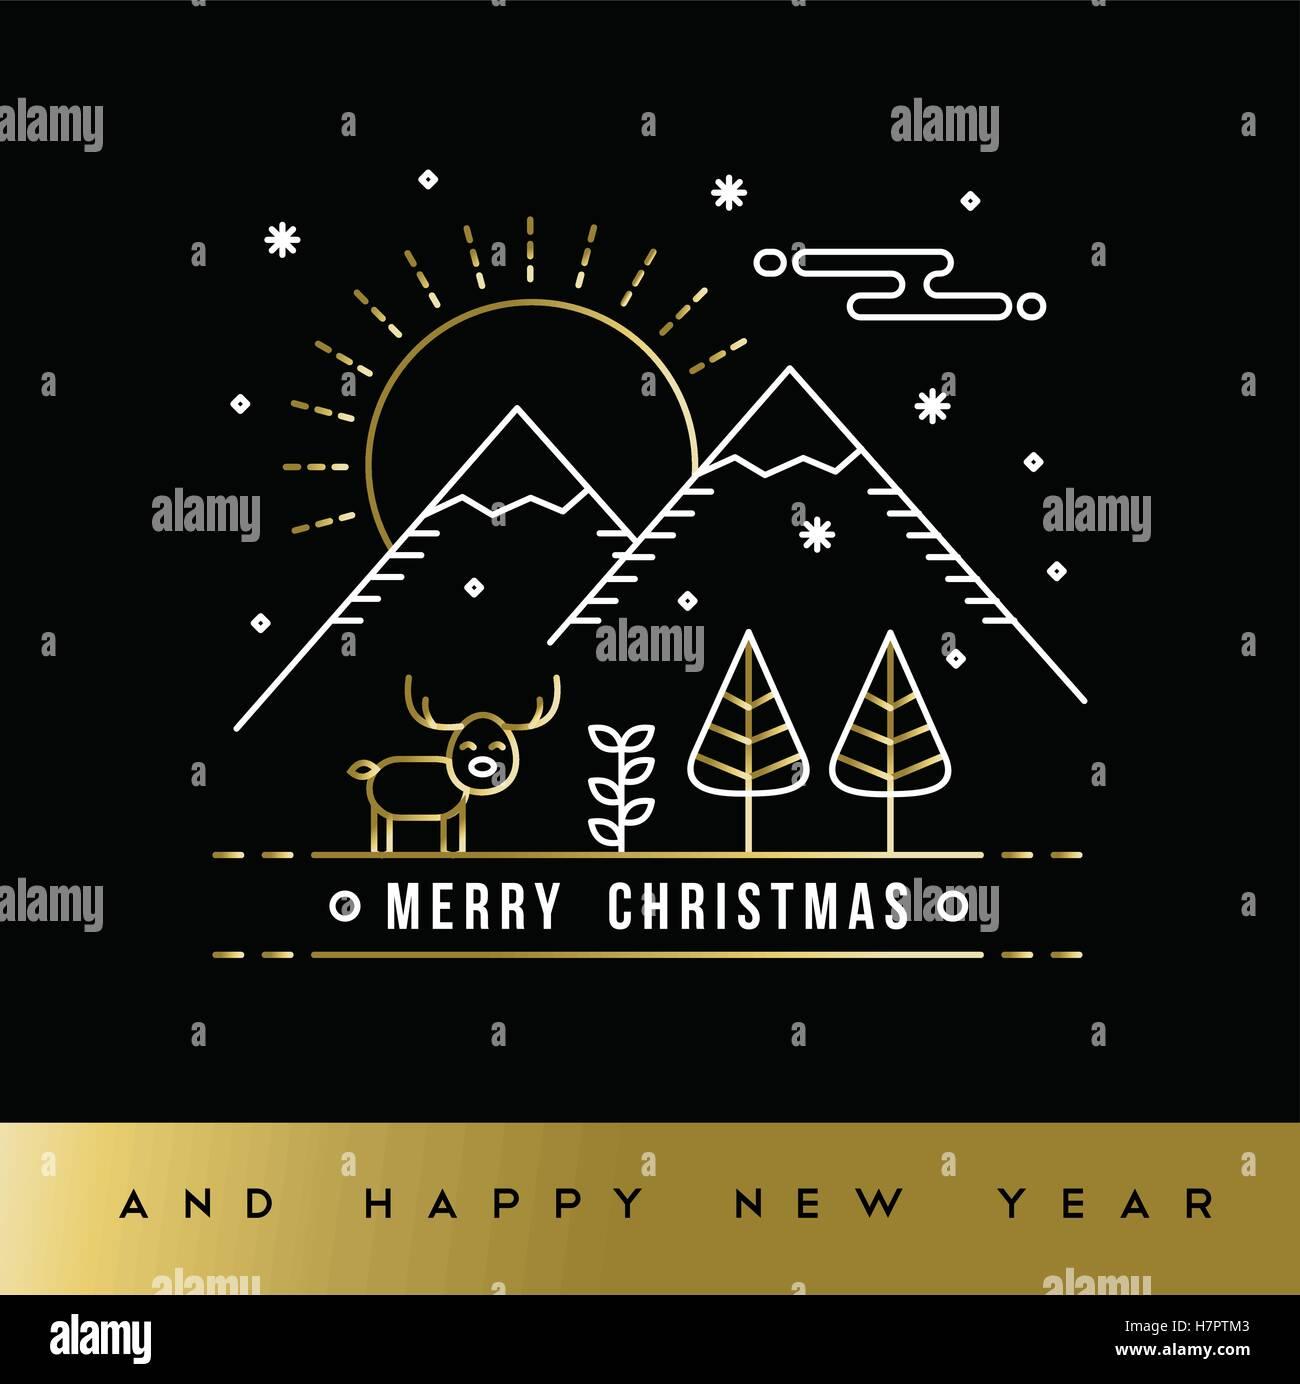 Buon Natale Arte.Auguri Di Buon Natale E Anno Nuovo Messaggio Di Saluto Gold Card In Struttura Moderna Arte Stile Foresta Invernale Illustrazione Con Decorazione Di Vacanza Immagine E Vettoriale Alamy